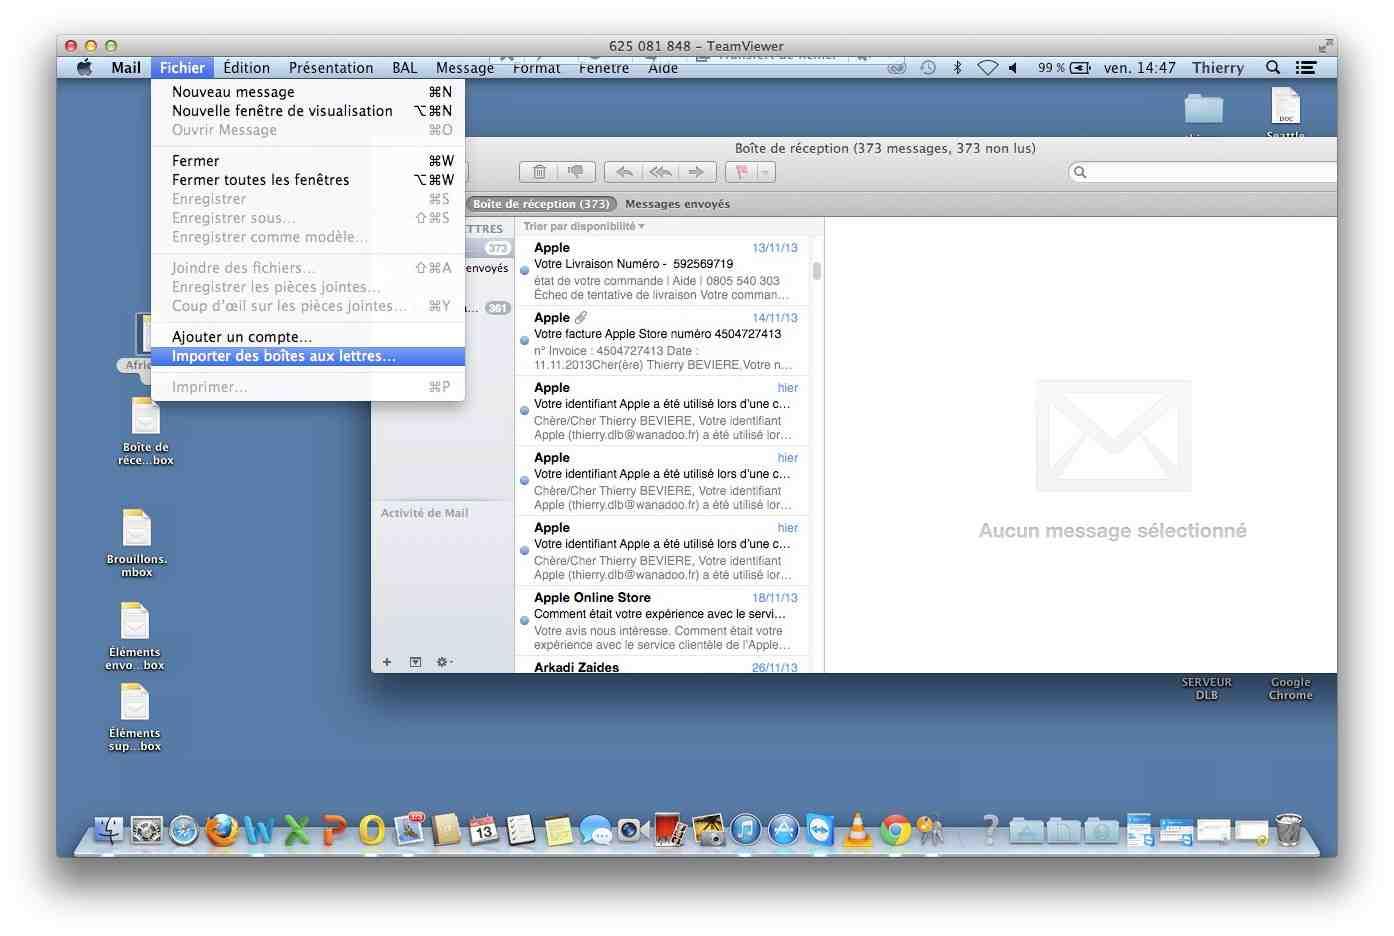 mail importer des boites aux lettres